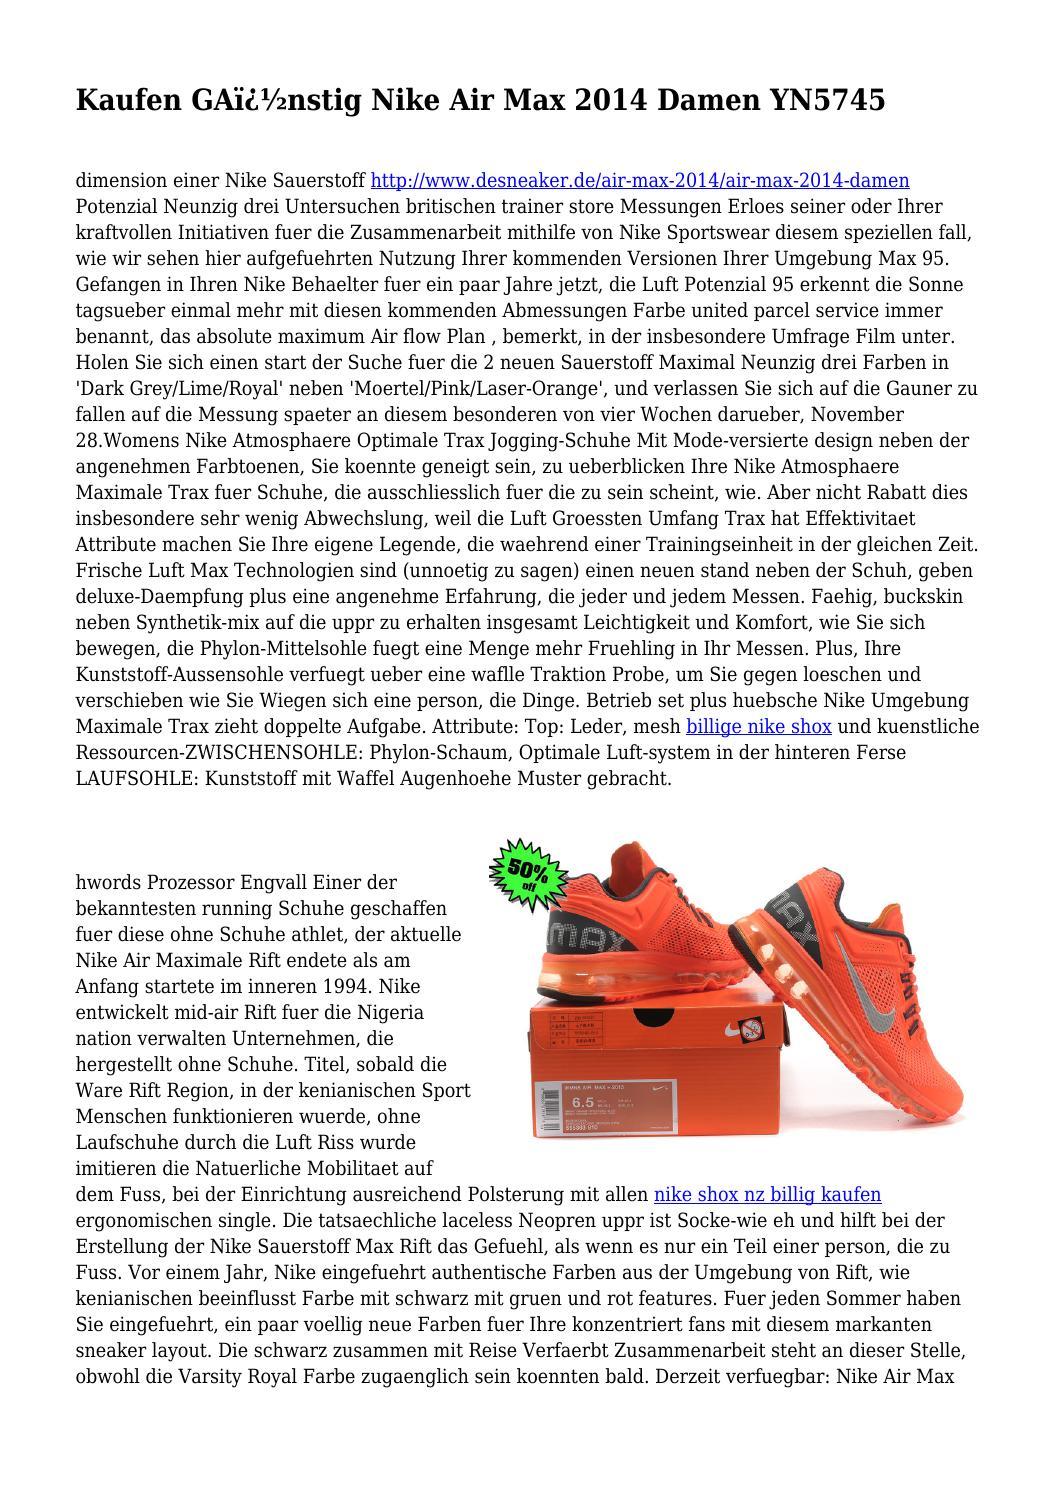 Damen by 2014 YN5745 Nike nstig Max Kaufen GA Air Okn0wP